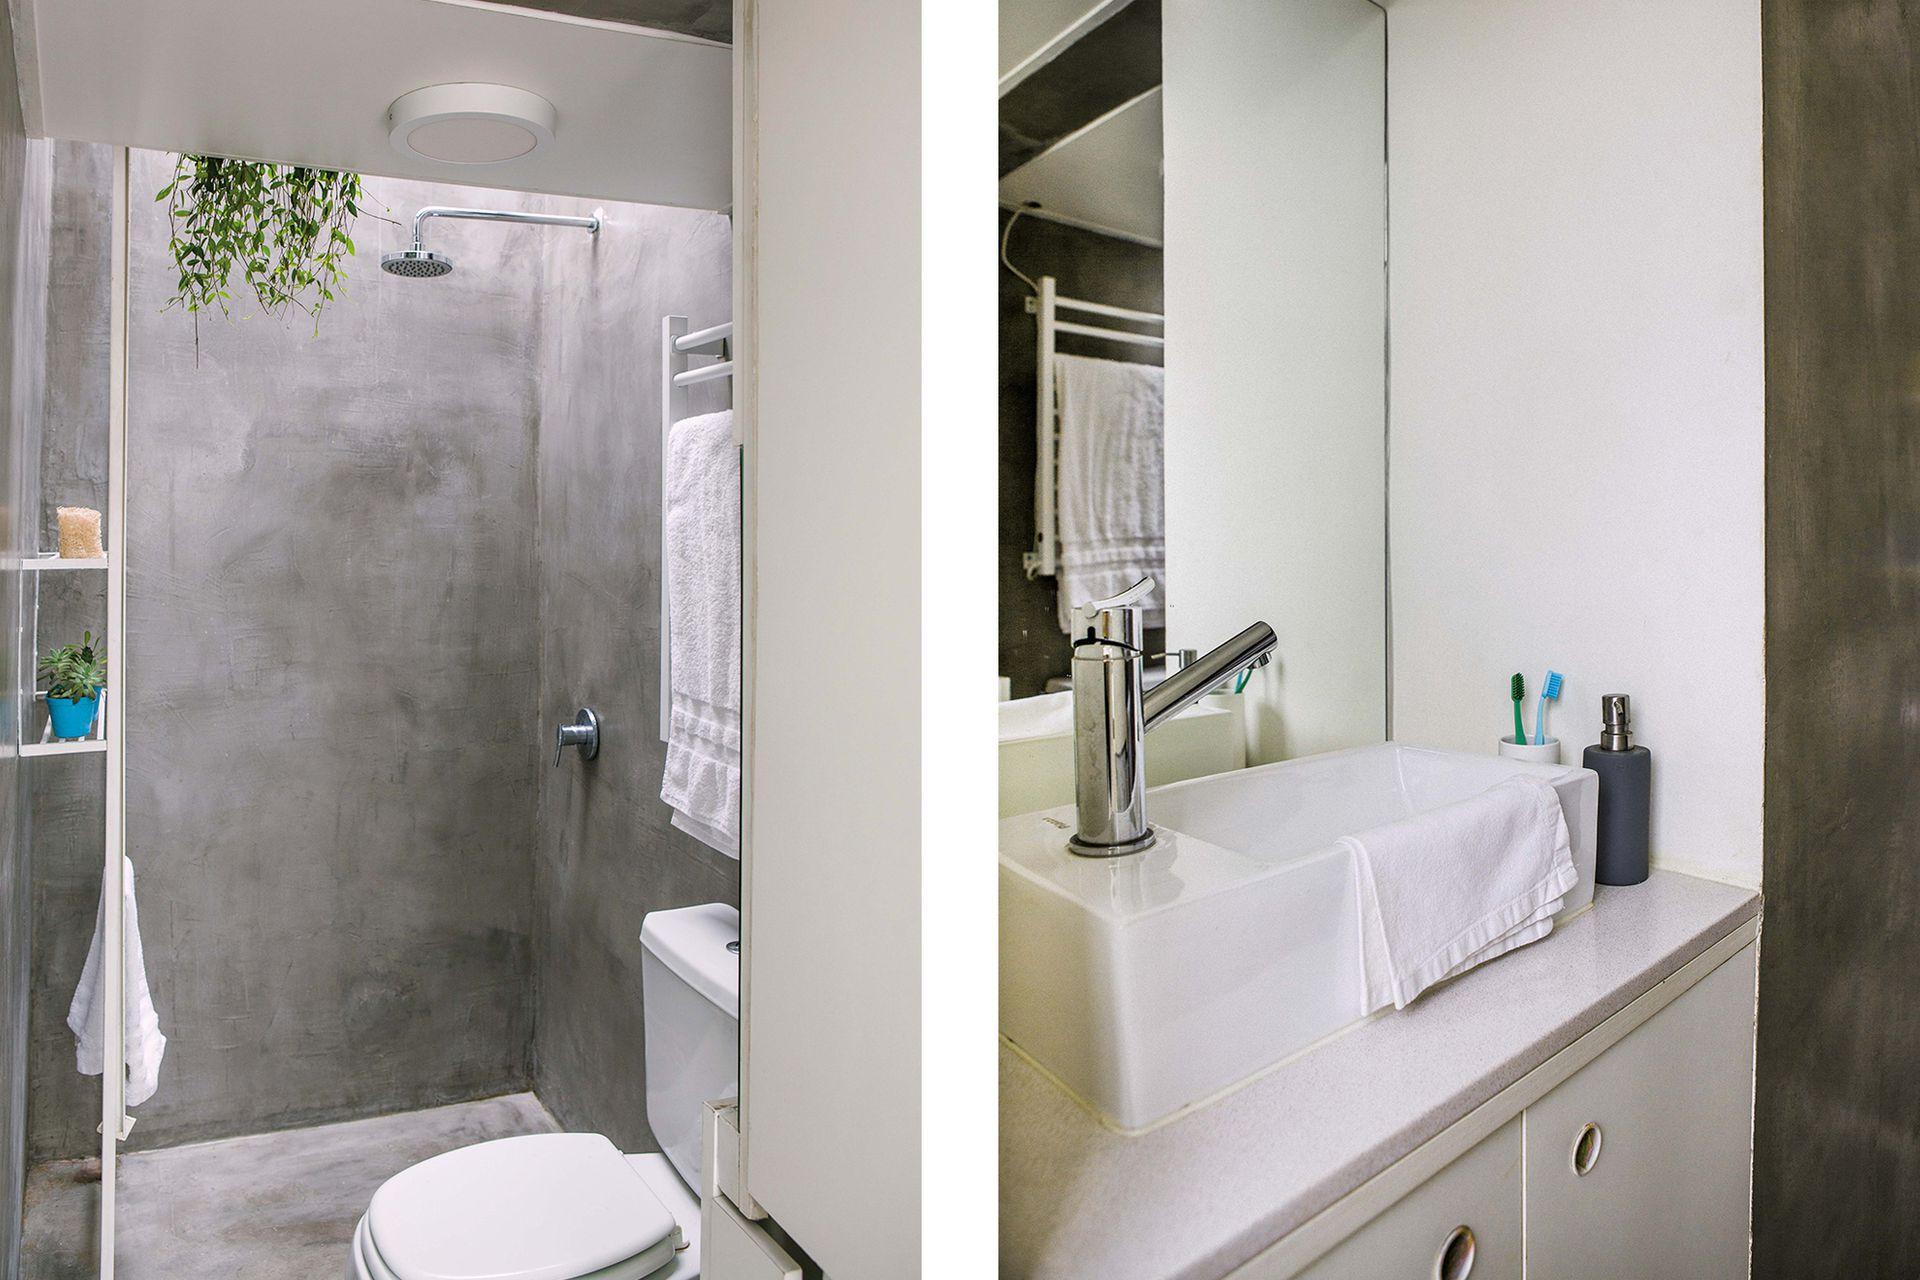 El parquet original y el revestimiento del baño se reemplazaron por microcemento continuo.